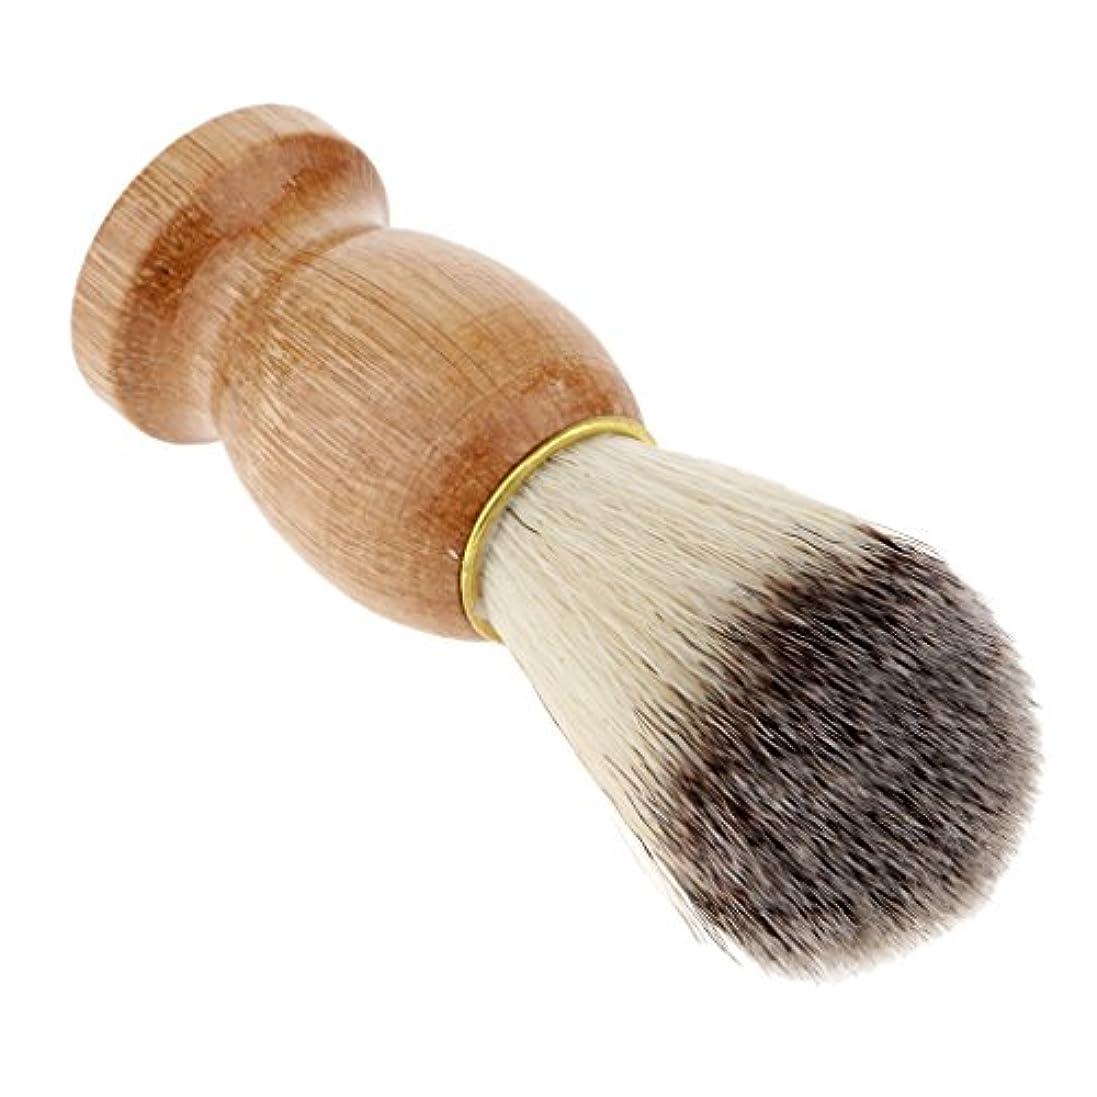 代わりにを立てる想像力豊かな侵入シェービングブラシ シェービング コスメブラシ 木製ハンドル メンズ ひげ剃りブラシ クレンジング 超吸収性 快適 柔らかい